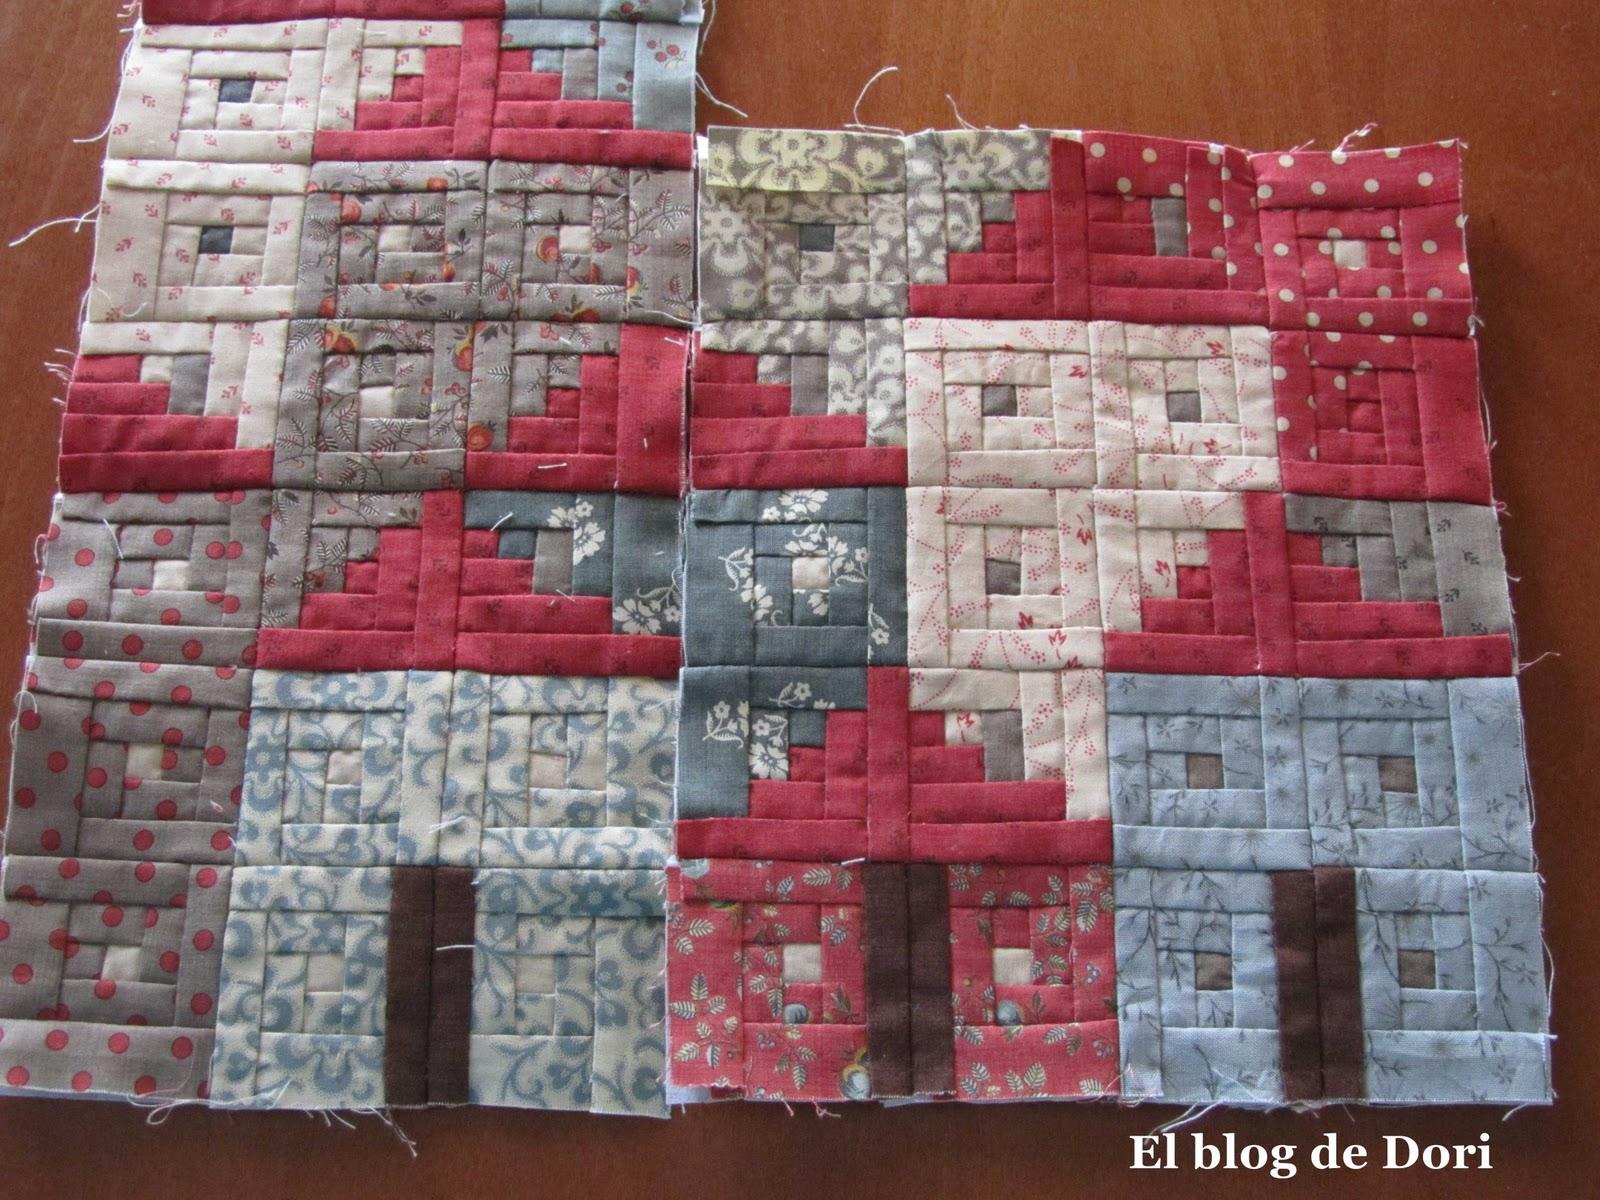 El blog de dori casitas log cabin un proyecto muy especial - Casas de patchwork ...